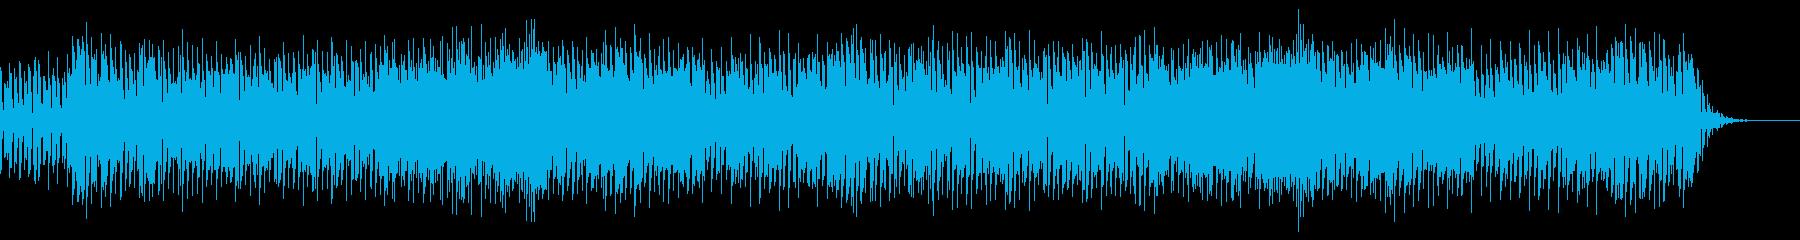 ニュー・ウェーヴパンクインストの再生済みの波形